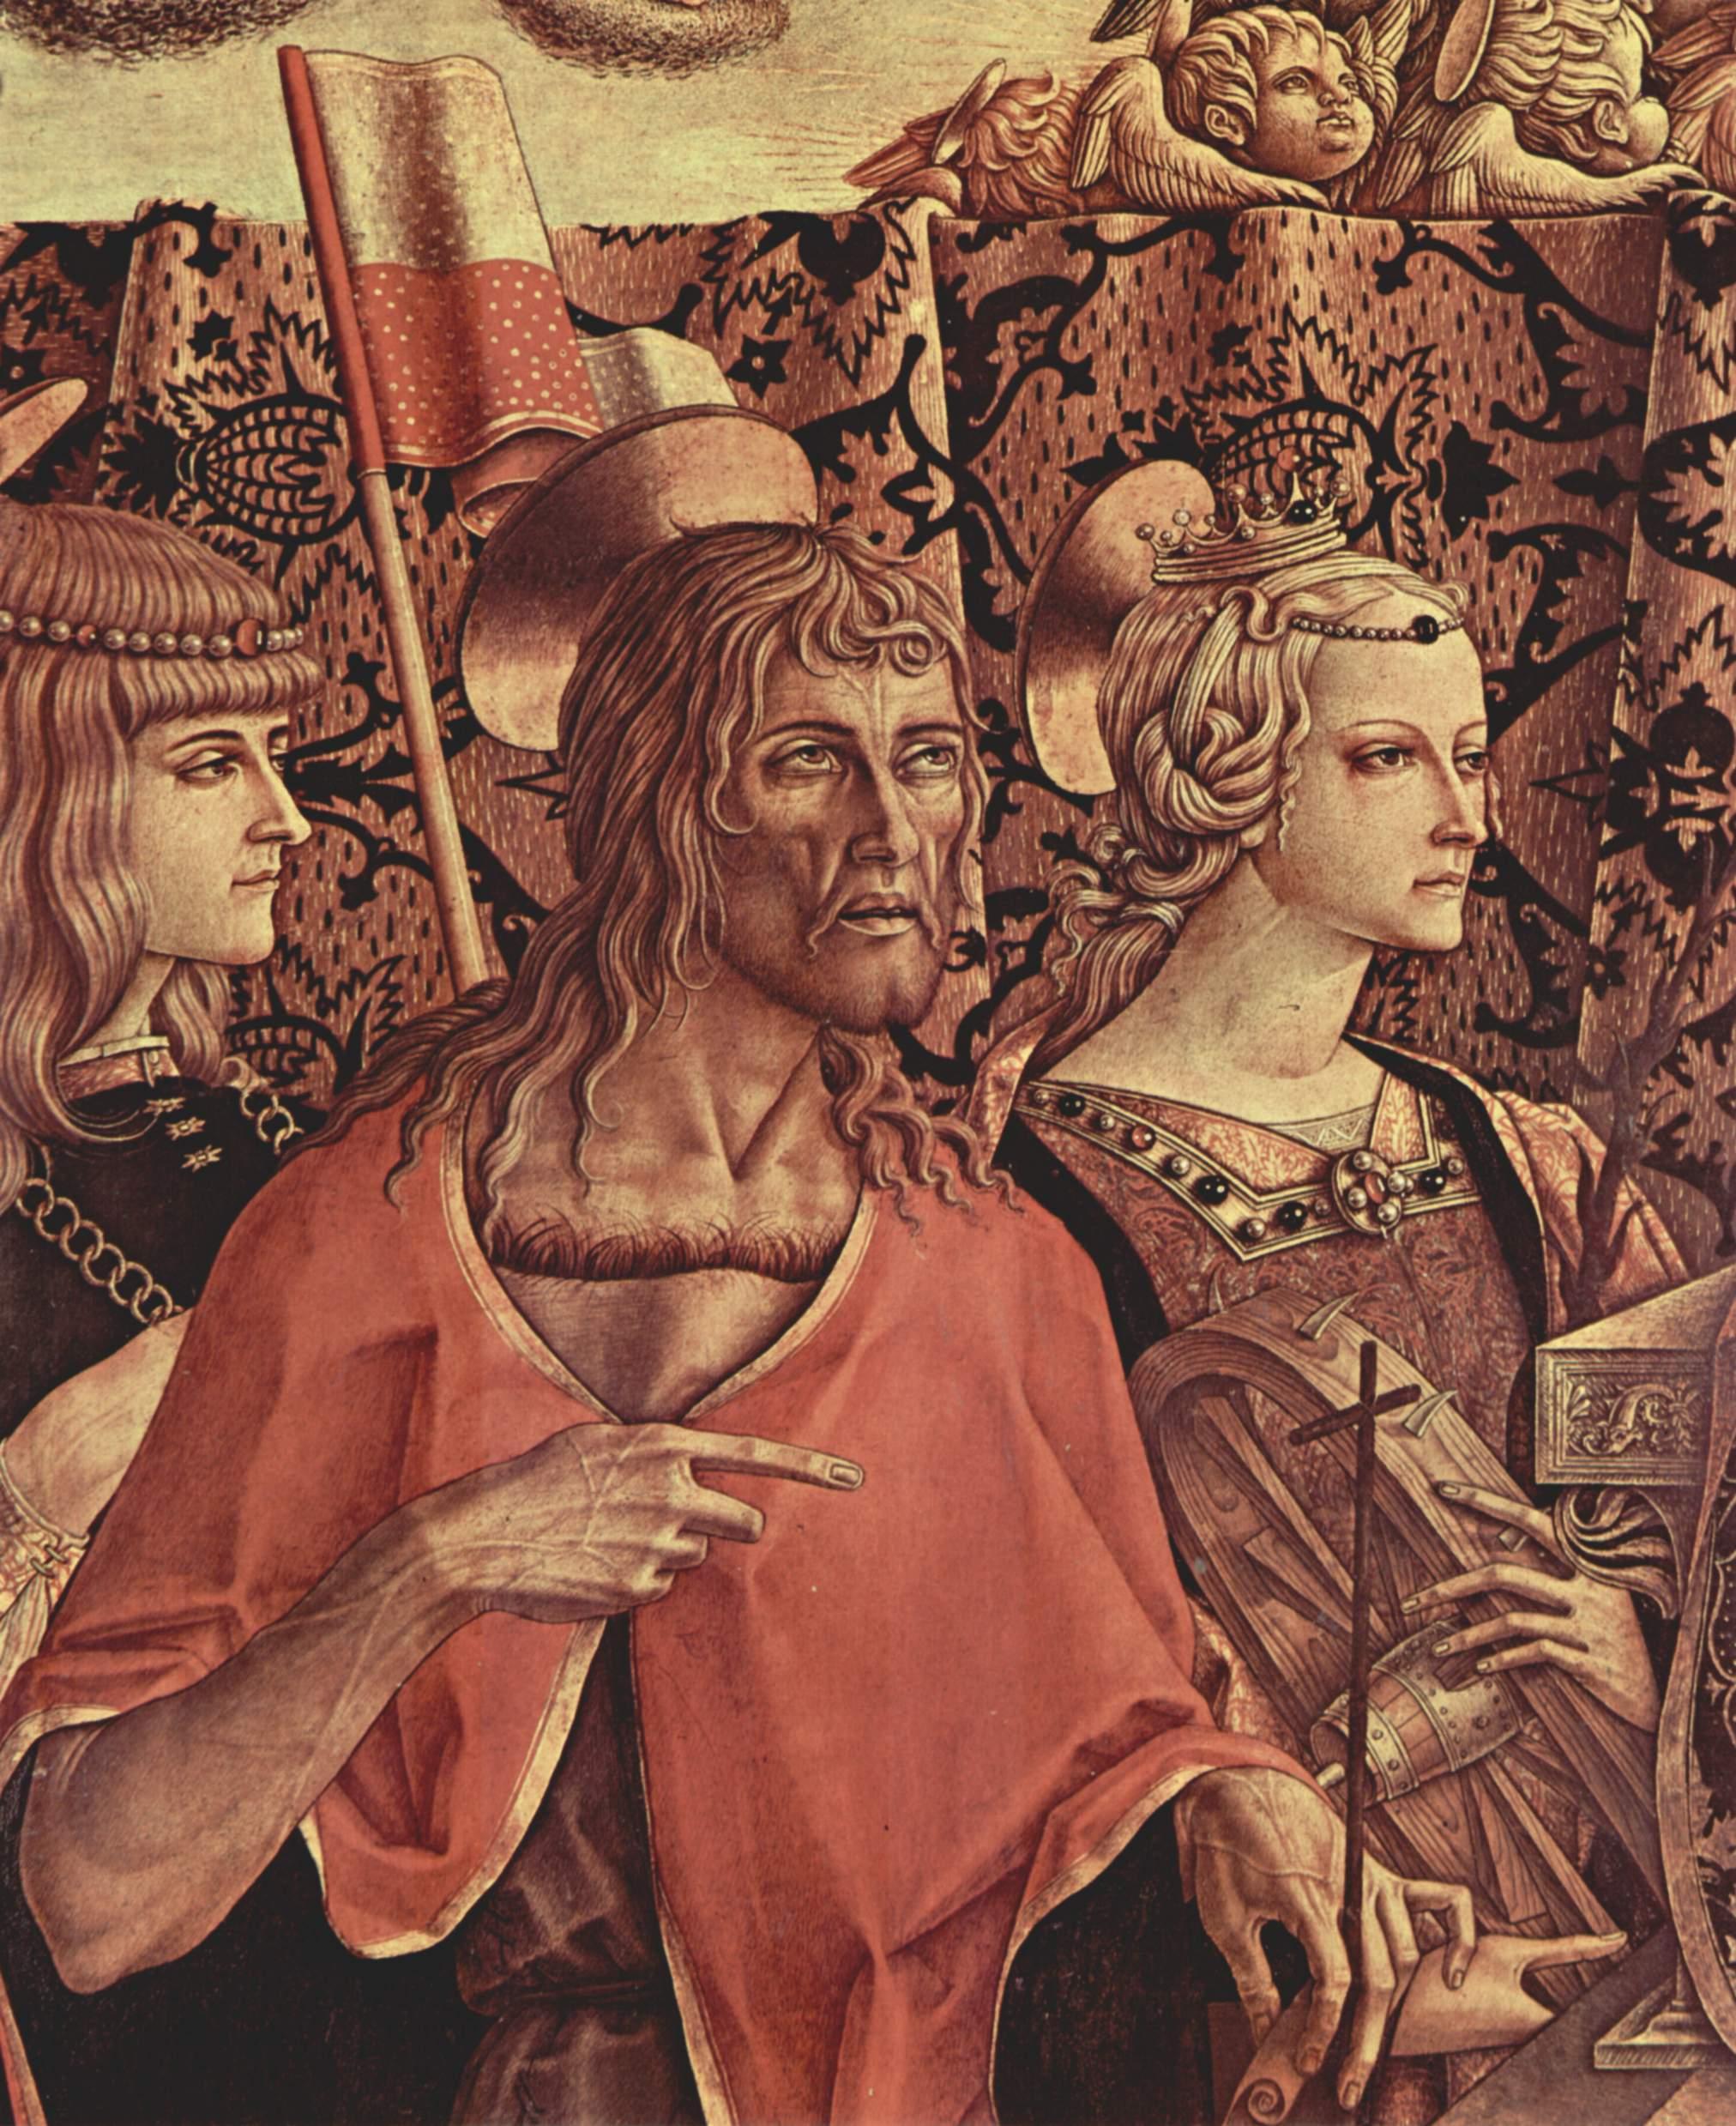 Коронование Марии. Деталь  Иоанн Креститель и св. Екатерина Александрийская, Карло Кривелли